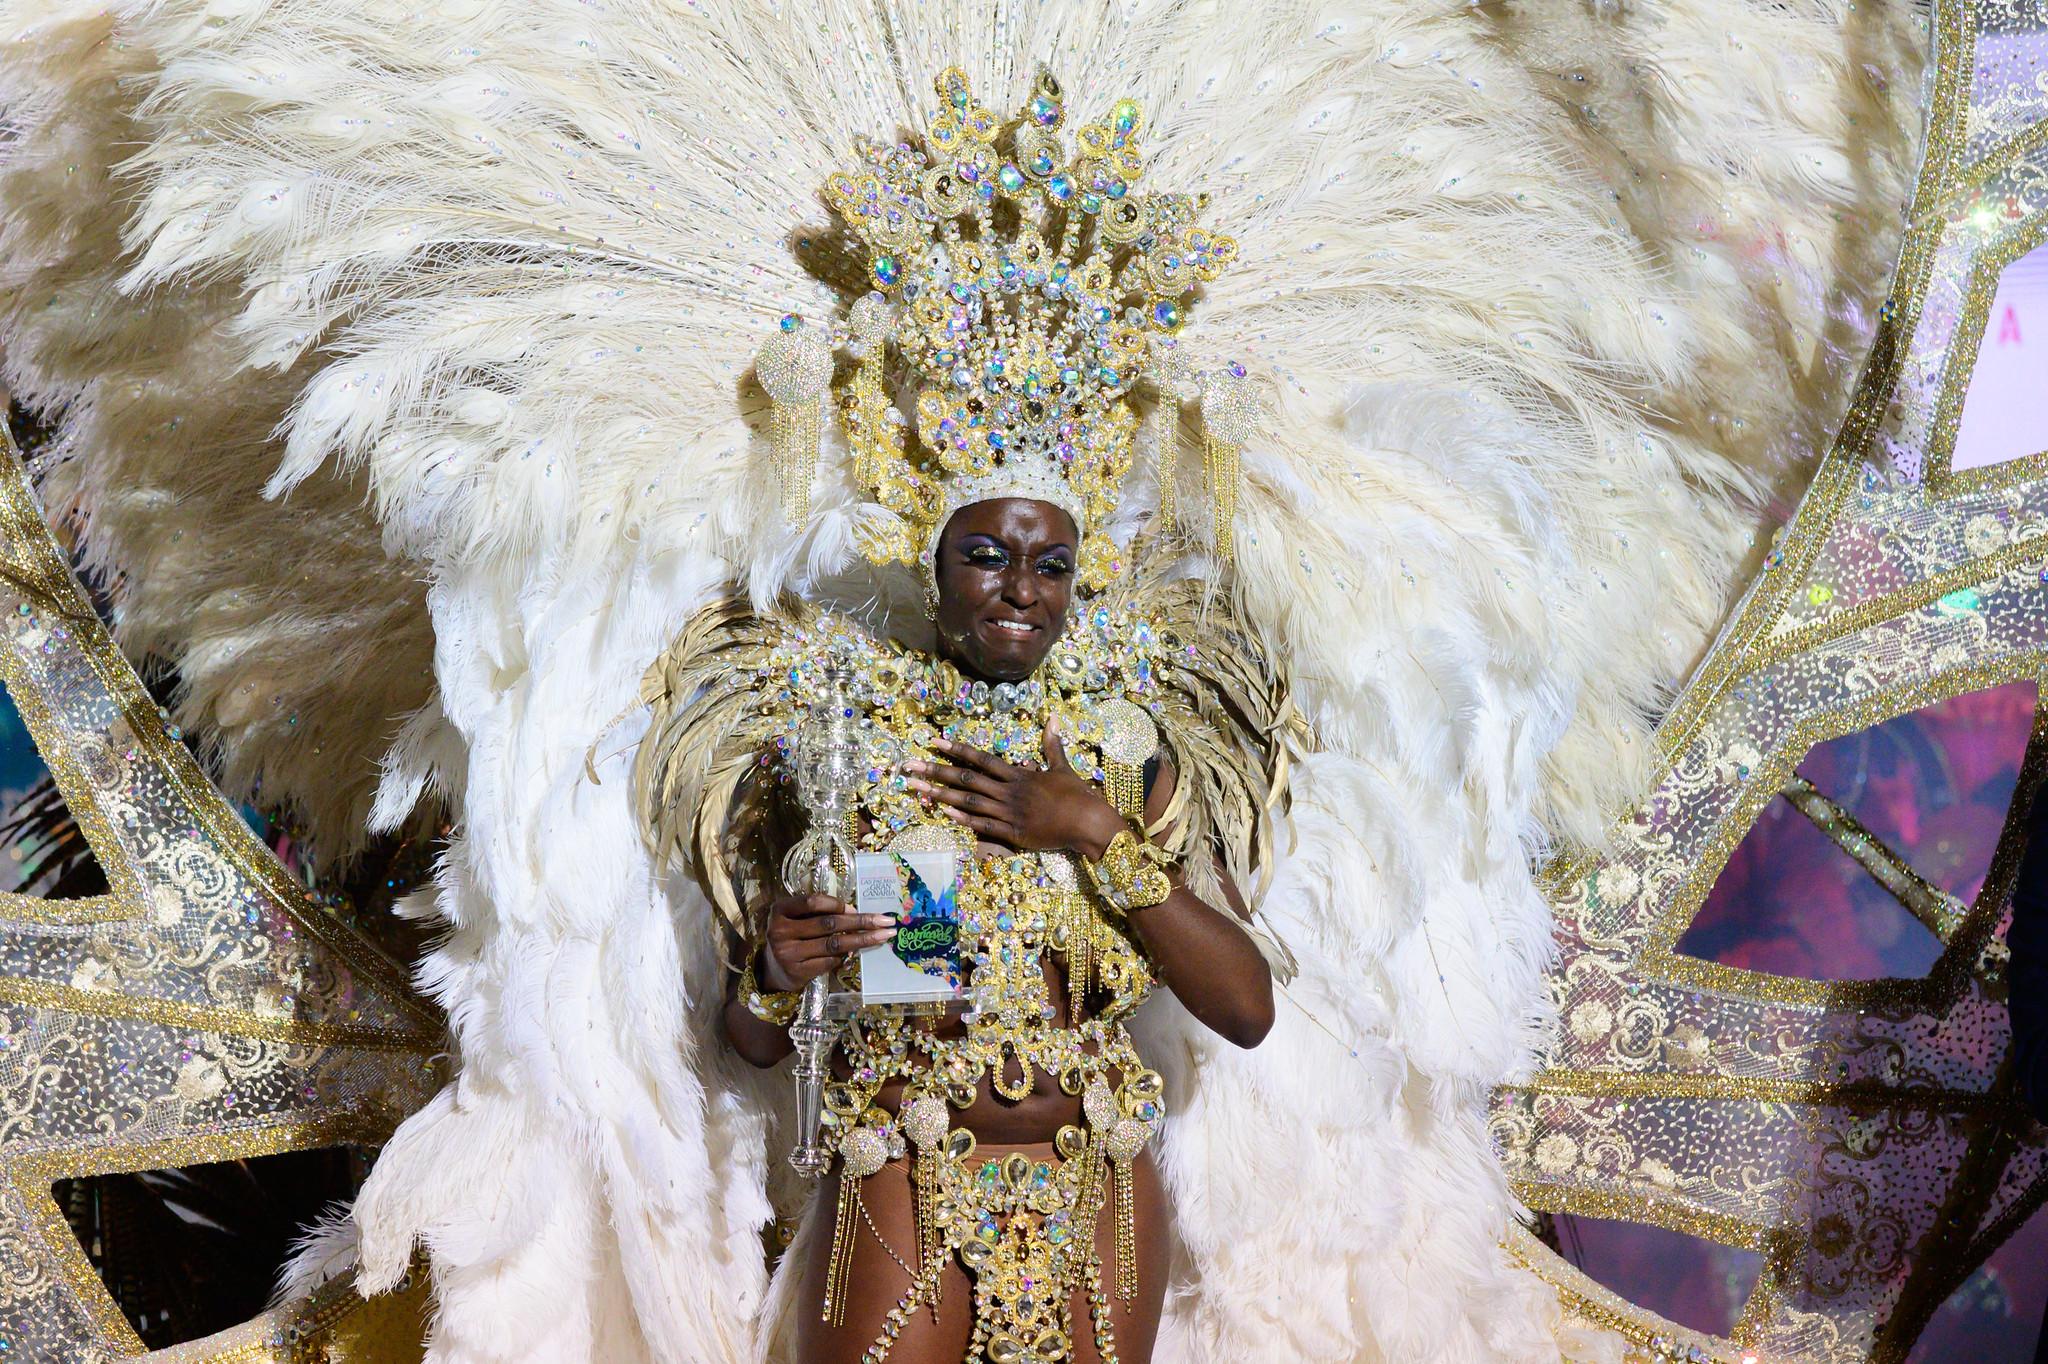 Die Königin des Karnevalsmärchen, ein Symbol des Fests